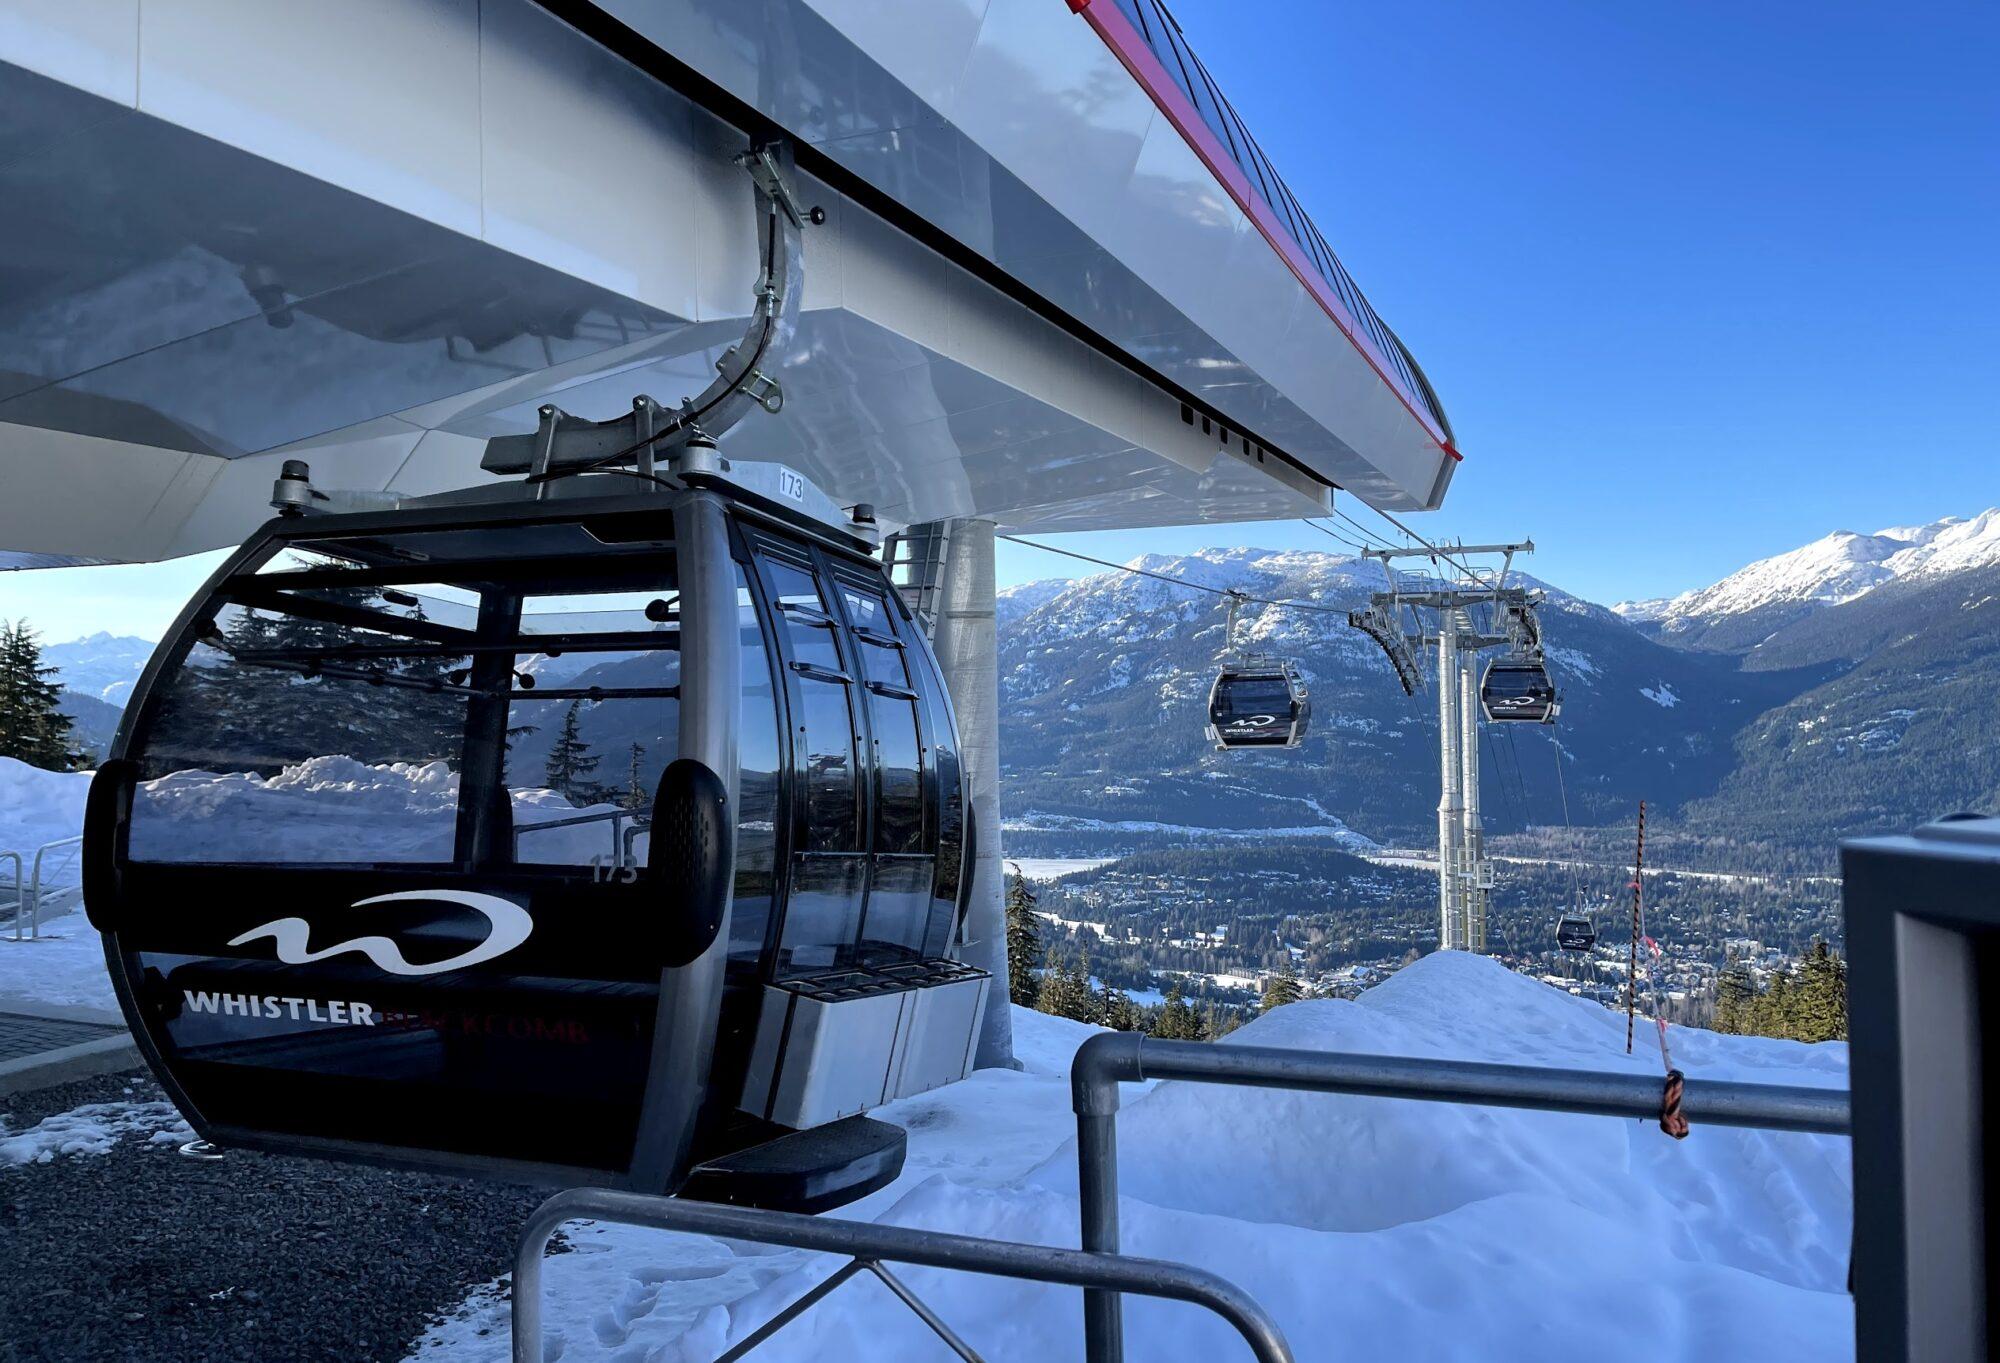 Whistler Real Estate: Ski-in/Ski-out